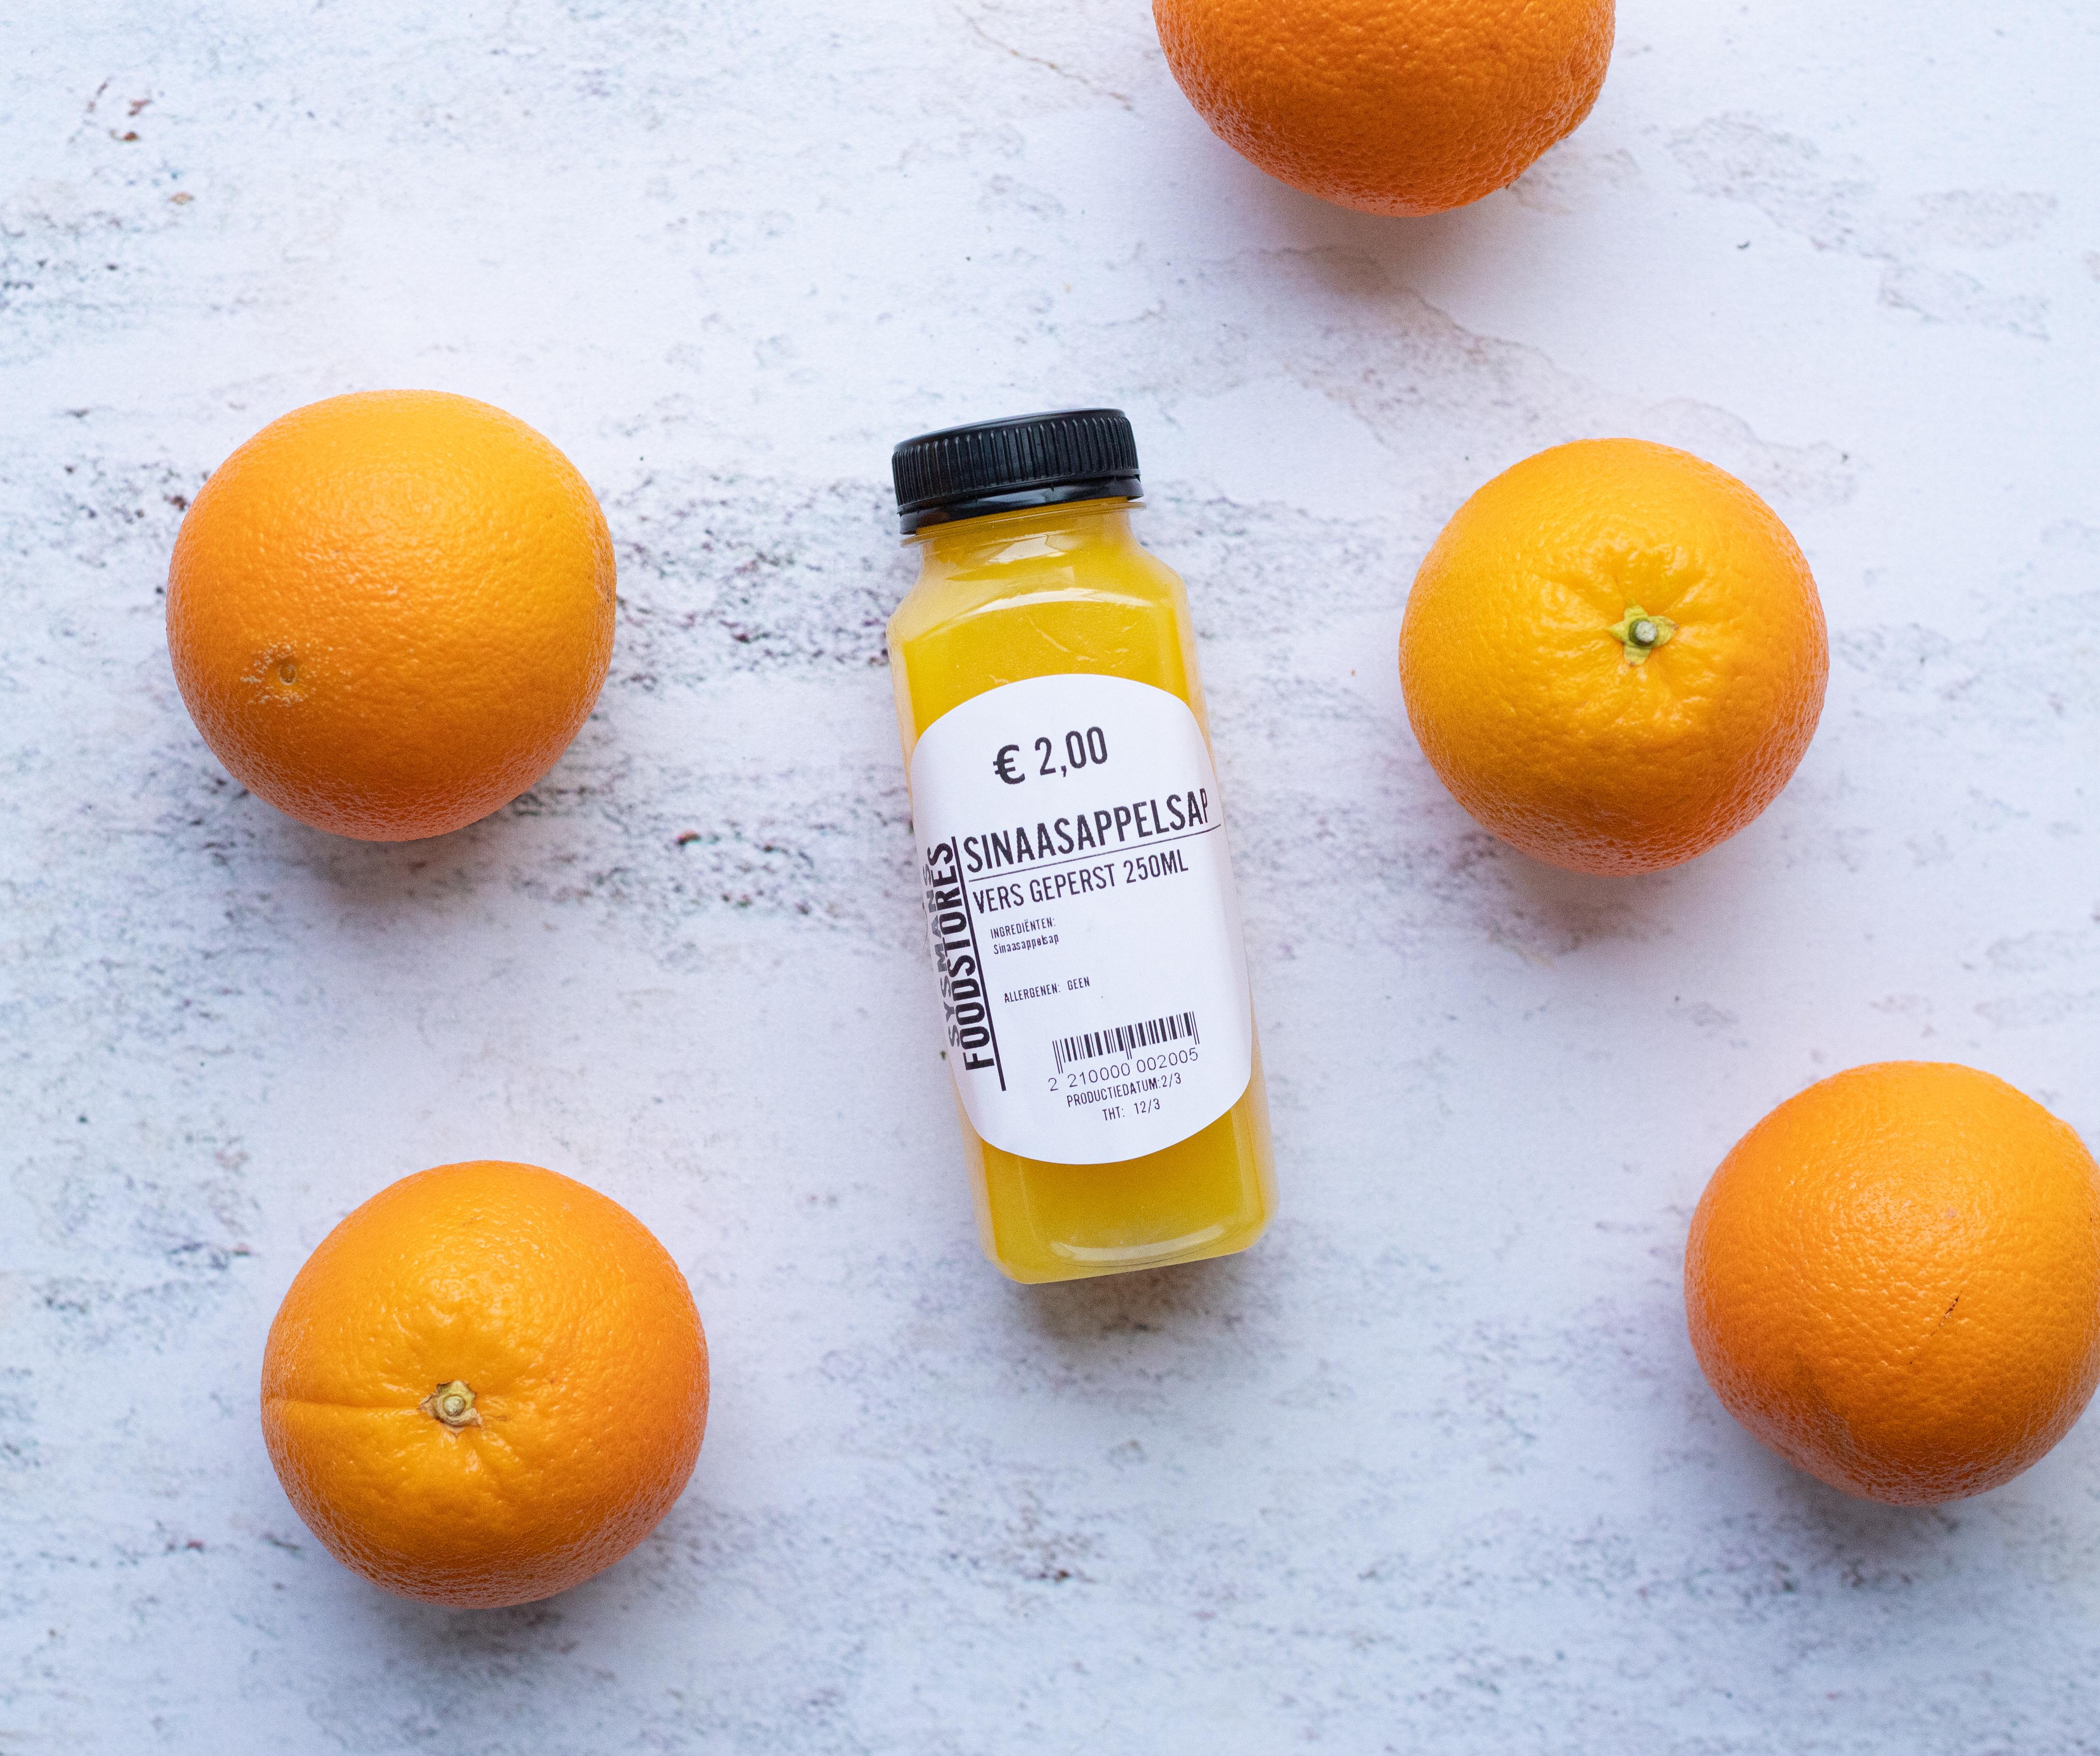 Vers geperst sinaasappelsap (250ML)